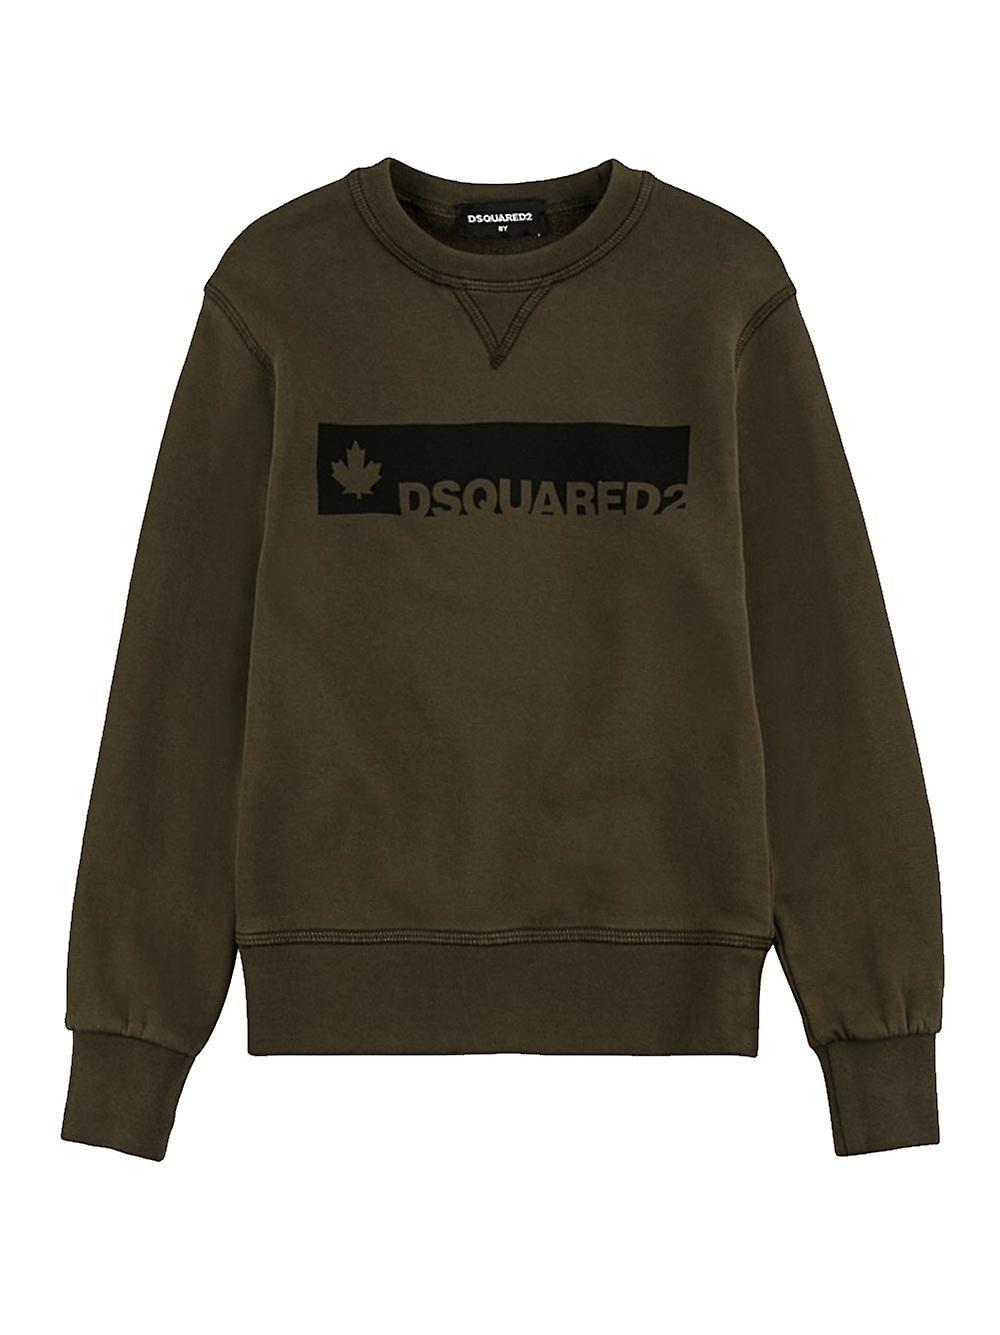 Dsquarouge2 Enfant DSQUArouge2 Enfants kaki & noir Logo Sweatshirt